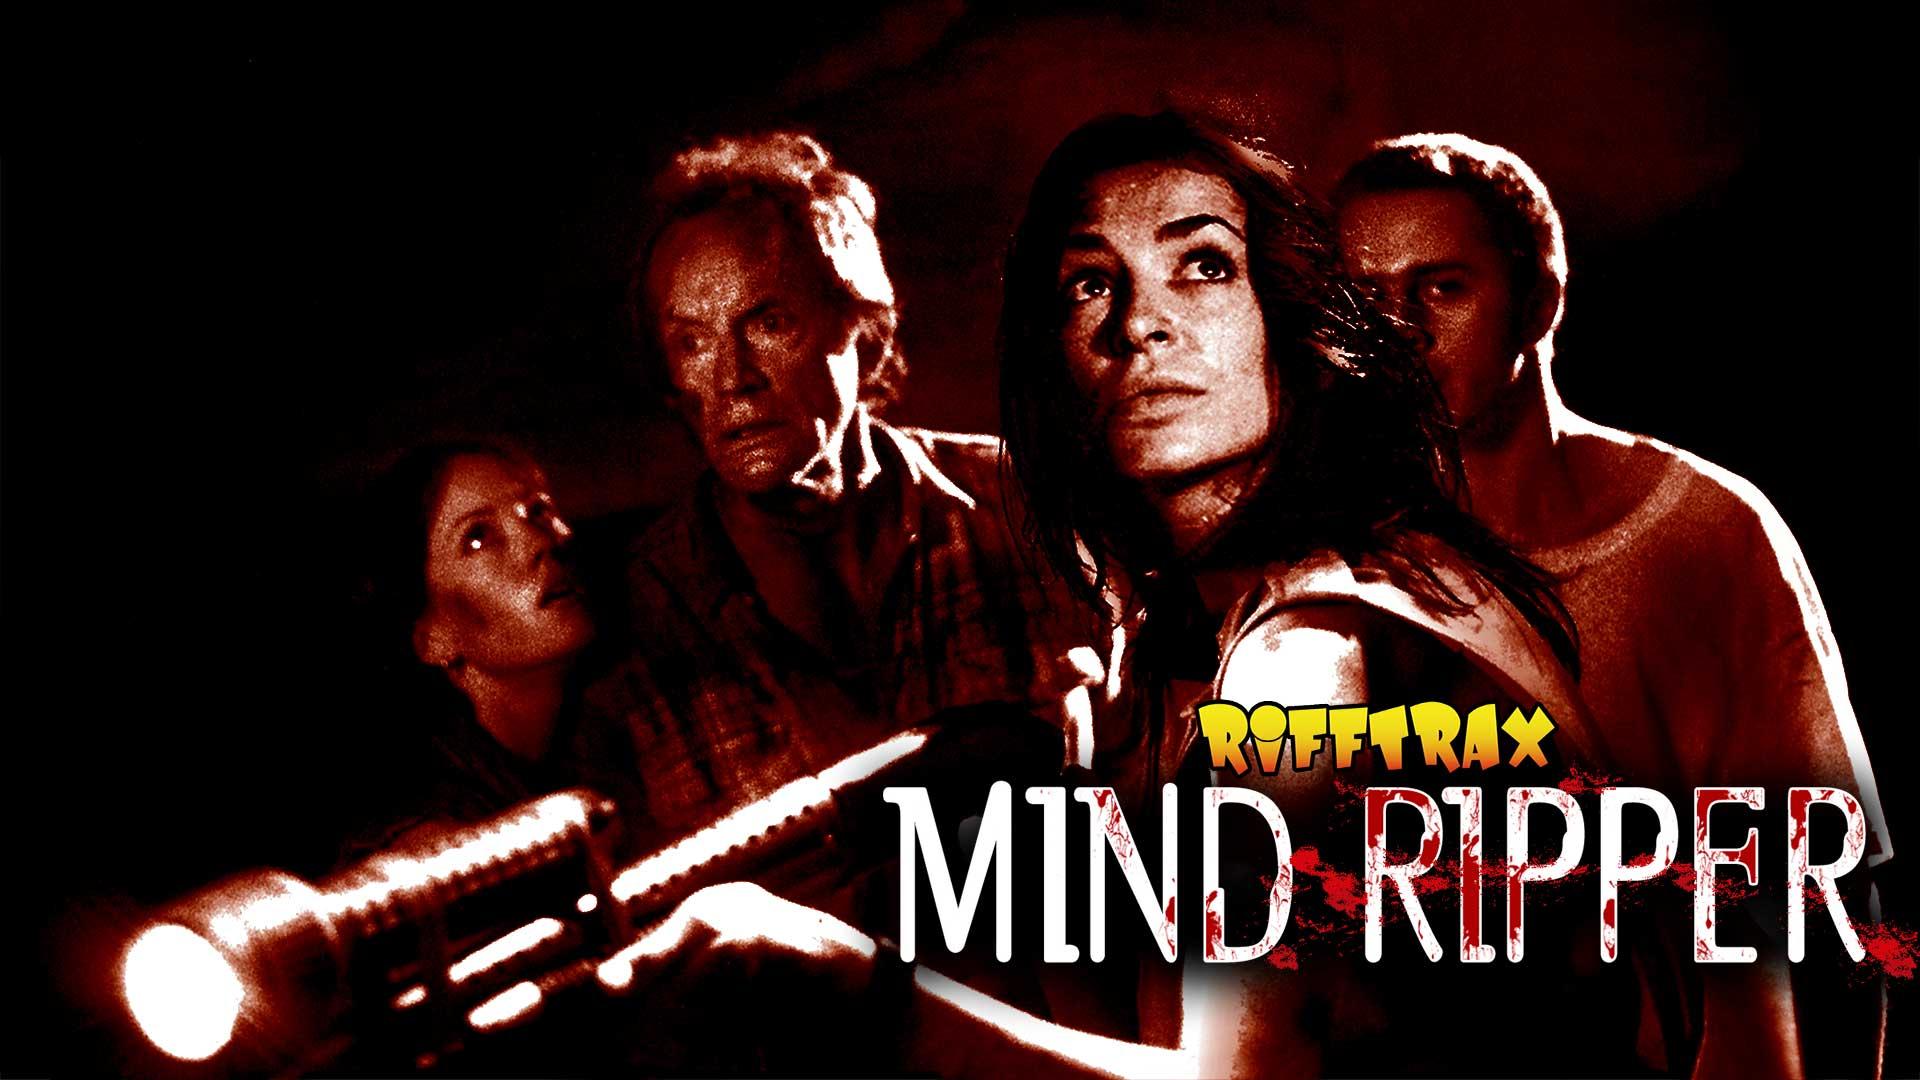 RiffTrax: Wes Craven's Mind Ripper